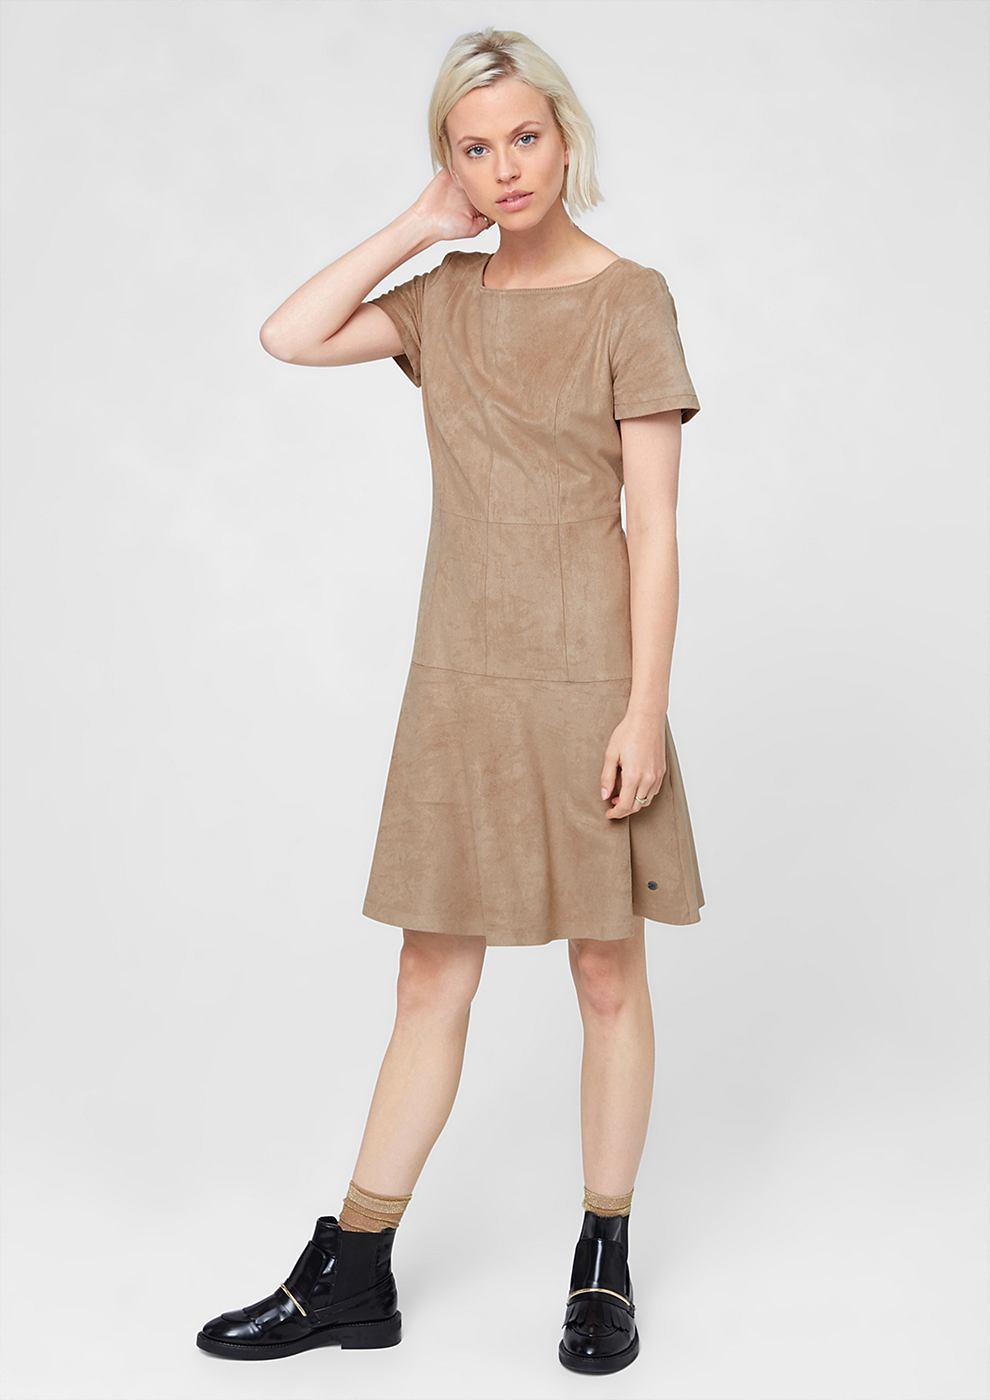 s.Oliver jurk van imitatiesuède bruin